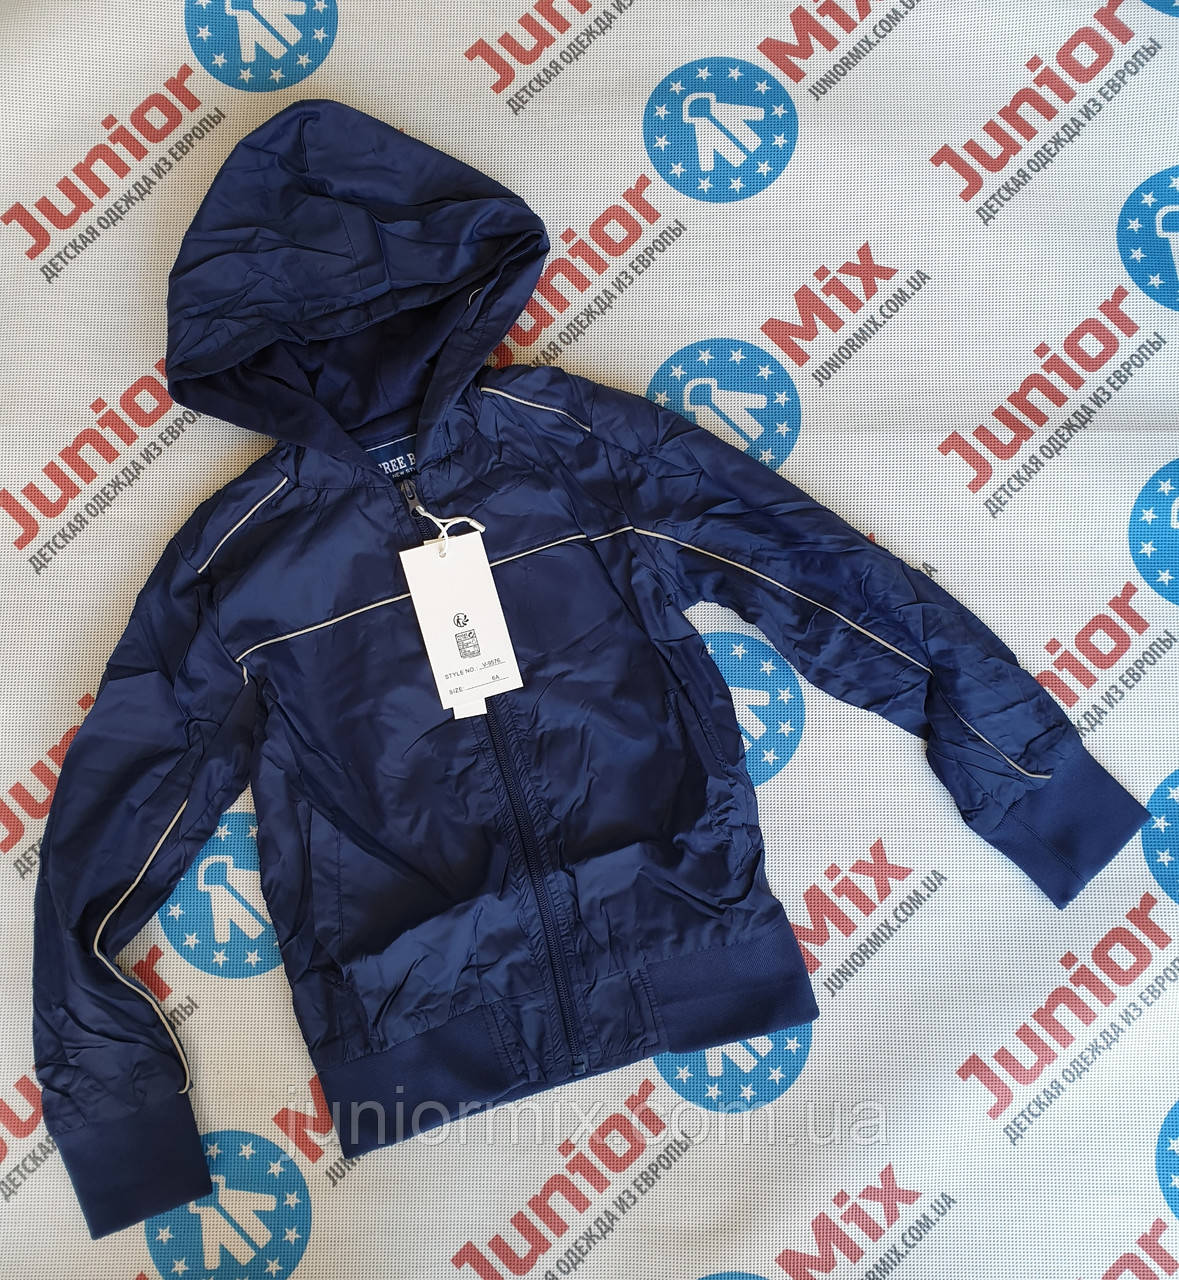 Подростковые весенние  куртки для мальчиков оптом